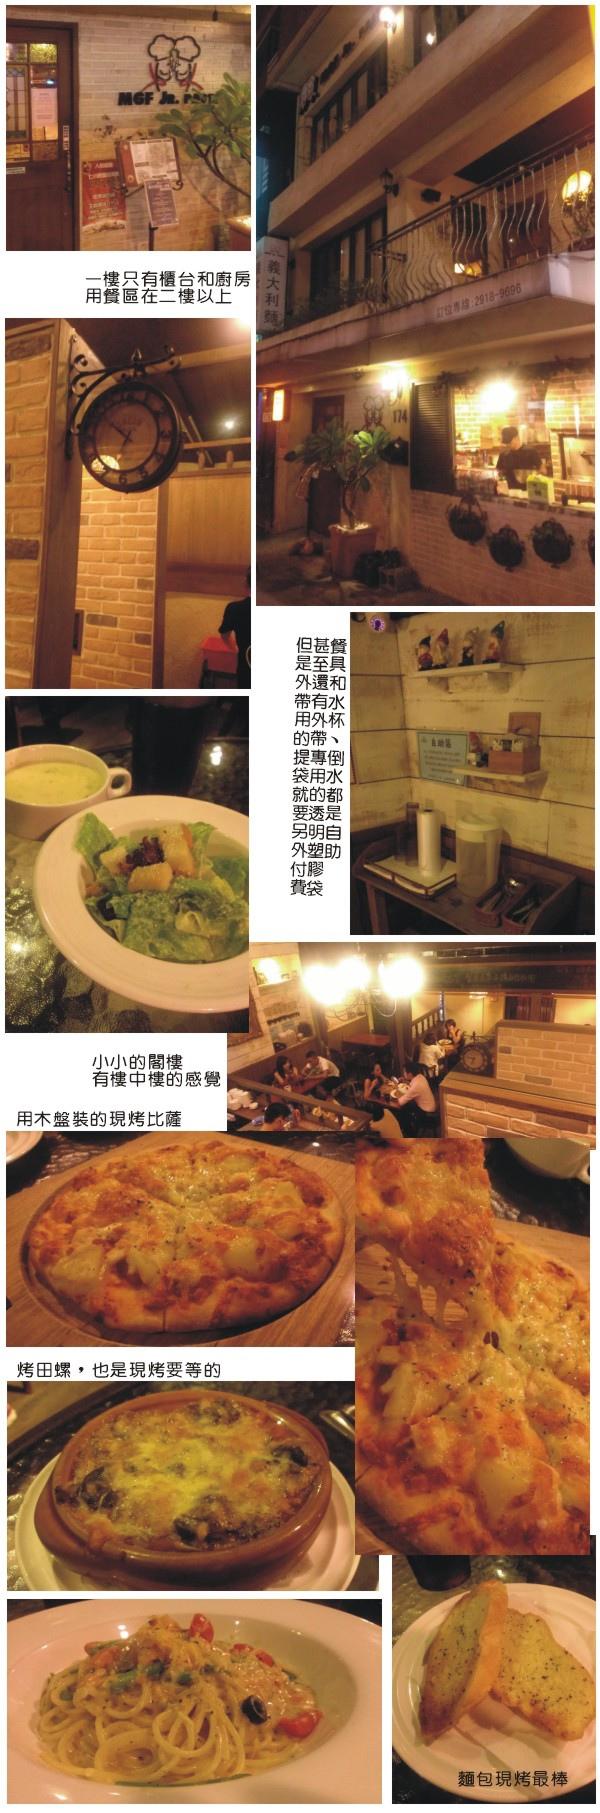 20130805小麵工坊義大利麵MGF JR.jpg